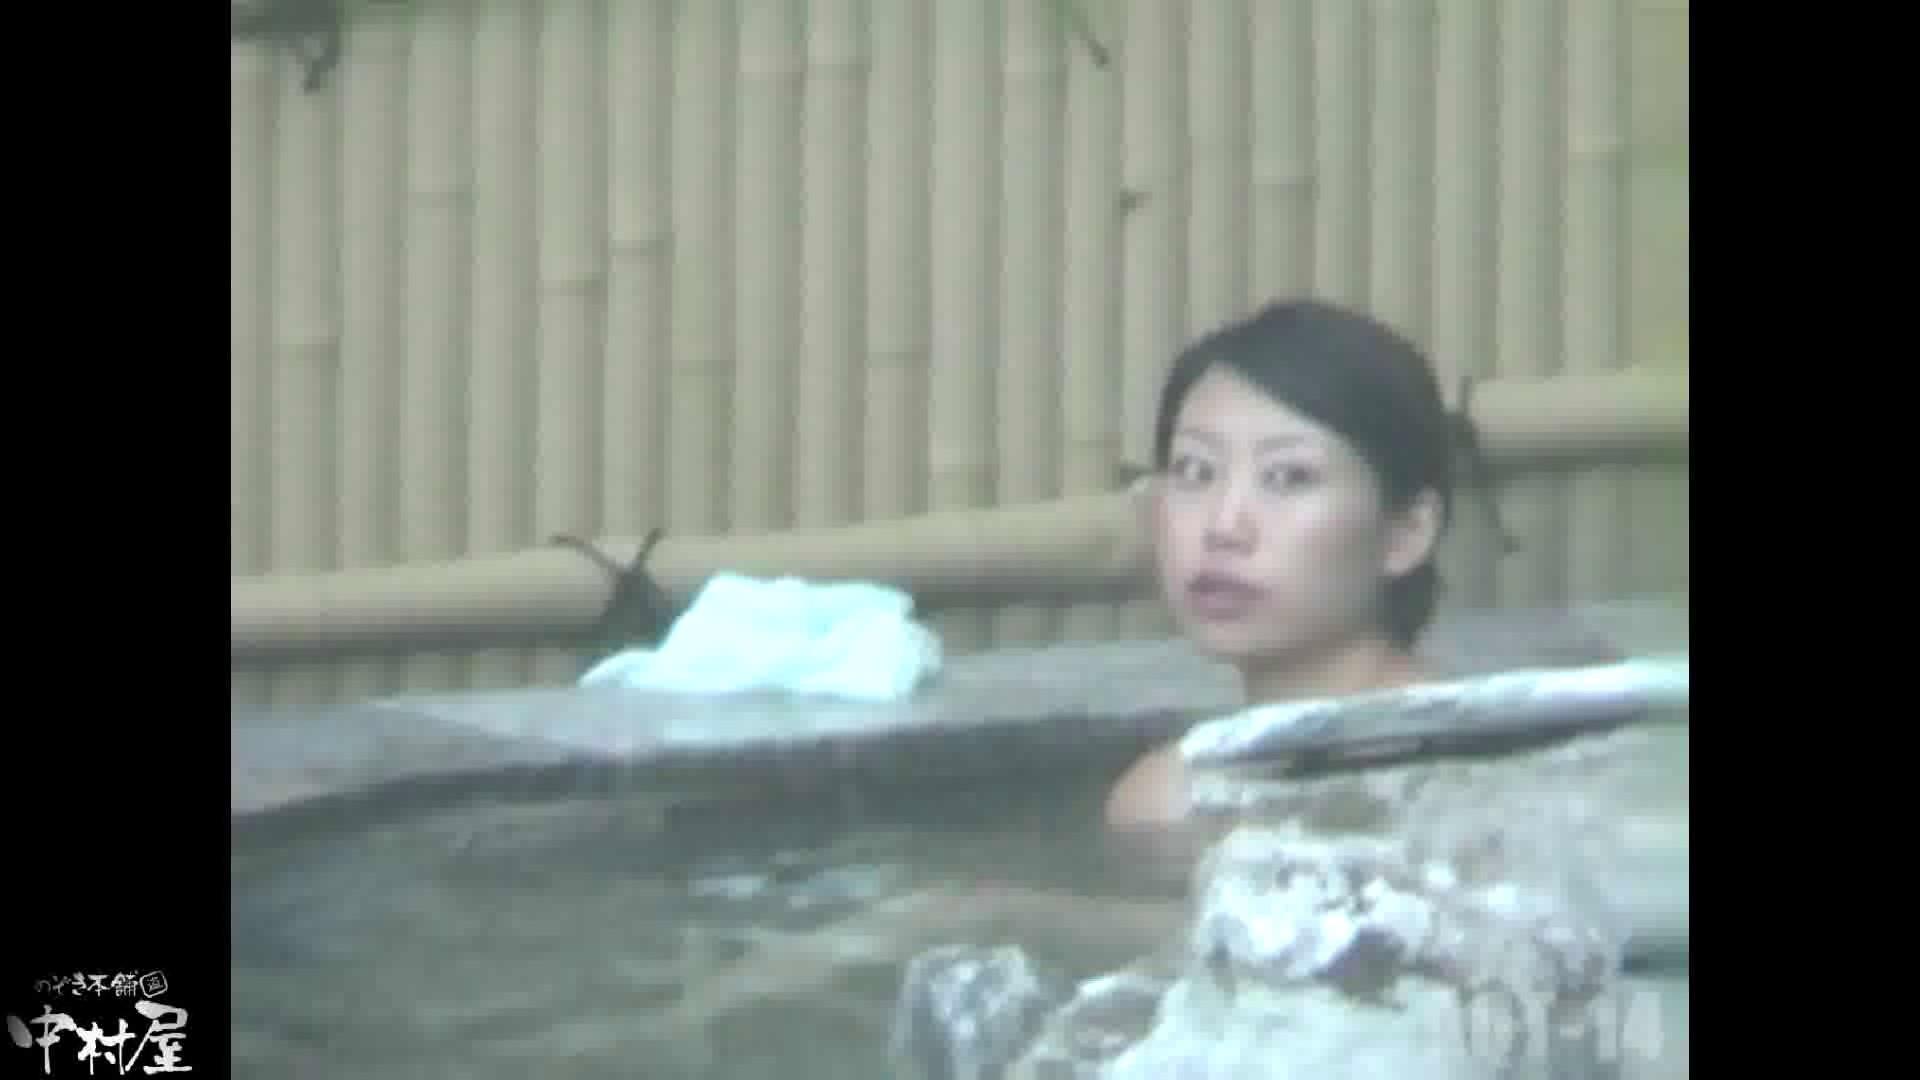 Aquaな露天風呂Vol.878潜入盗撮露天風呂十四判湯 其の一 露天 | 盗撮  78pic 18